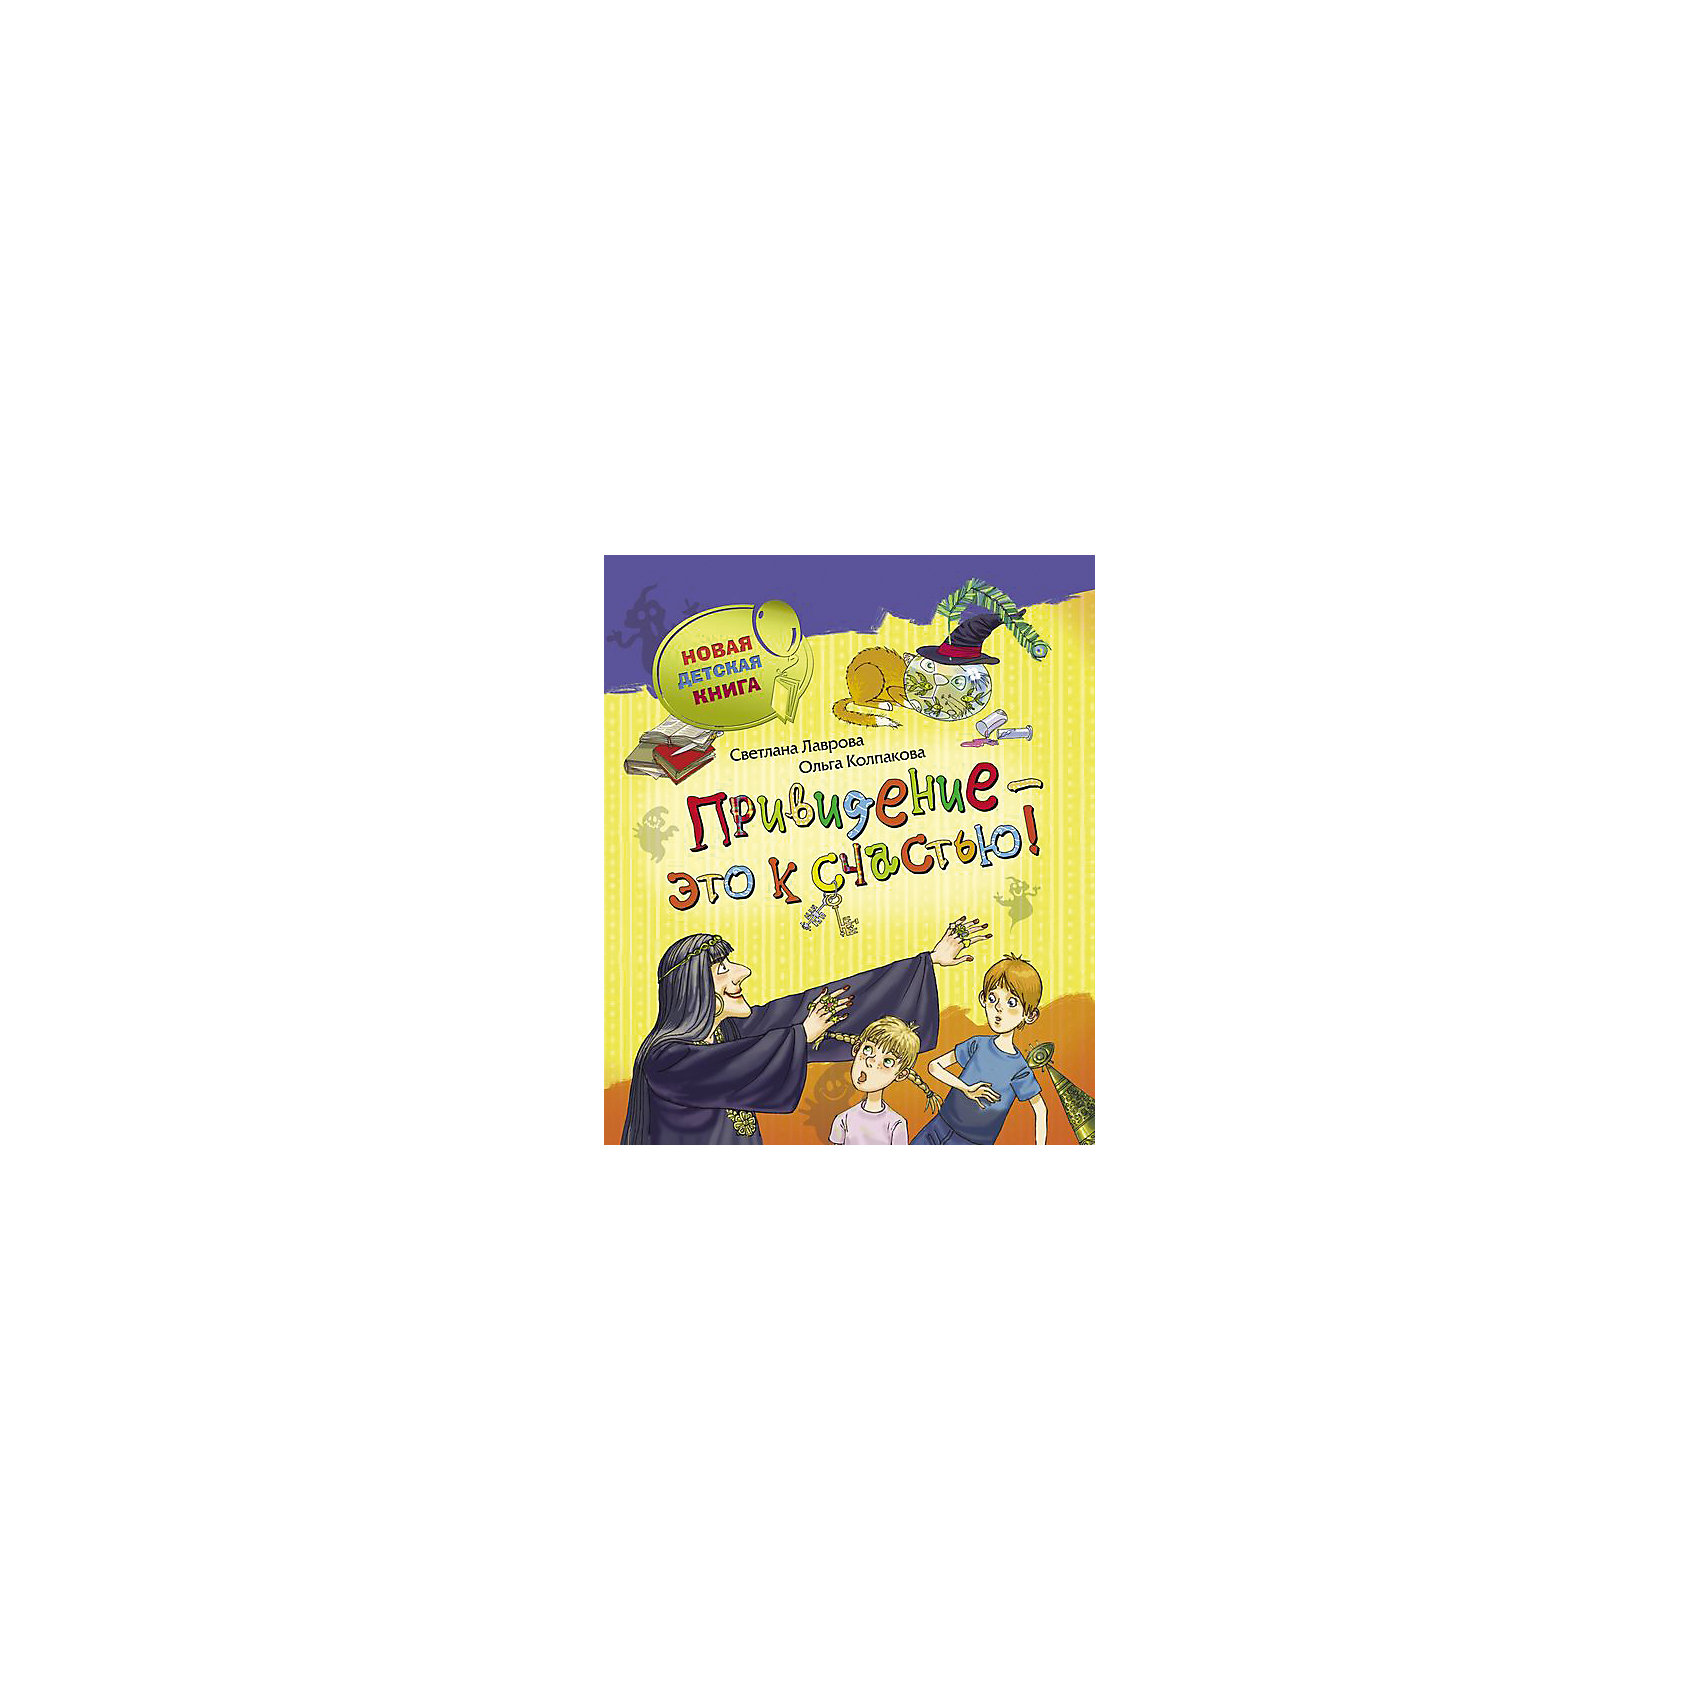 Лаврова, Колпакова Привидение – это к счастью!Рассказы и повести<br>Характеристики товара:<br><br>- цвет: разноцветный;<br>- материал: бумага;<br>- страниц: 128;<br>- формат: 24 х 20 см;<br>- обложка: твердая;<br>- иллюстрации.<br><br>Эта интересная книга с иллюстрациями станет отличным подарком для ребенка. Она содержит в себе сказку, которая полюбилась уже многим! Талантливый иллюстратор дополнил книгу качественными рисунками, которые помогают ребенку проникнуться духом сказки.<br>Чтение - отличный способ активизации мышления, оно помогает ребенку развивать зрительную память, концентрацию внимания и воображение. Издание произведено из качественных материалов, которые безопасны даже для самых маленьких.<br><br>Книгу Лаврова, Колпакова Привидение – это к счастью! от компании Росмэн можно купить в нашем интернет-магазине.<br><br>Ширина мм: 240<br>Глубина мм: 205<br>Высота мм: 12<br>Вес г: 432<br>Возраст от месяцев: 60<br>Возраст до месяцев: 84<br>Пол: Унисекс<br>Возраст: Детский<br>SKU: 5109923